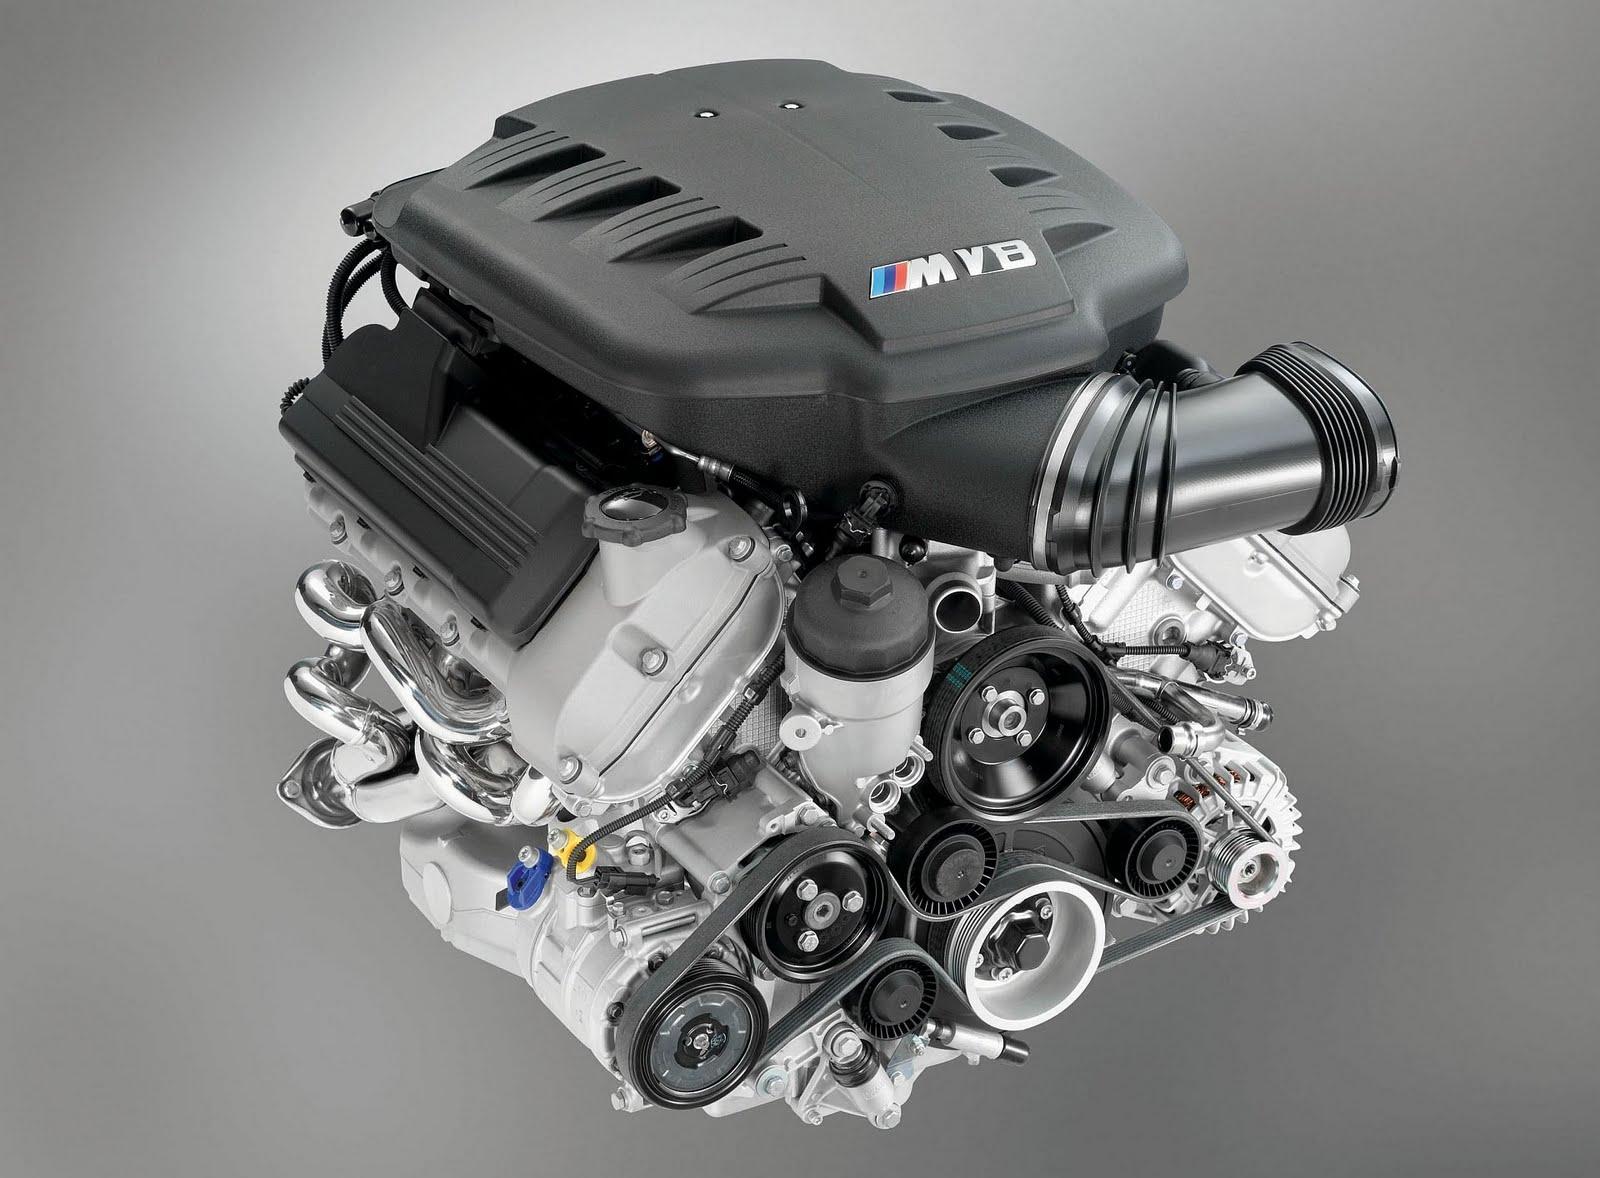 NEXT BMW M3 TO SPORT A V6 ENGINE?